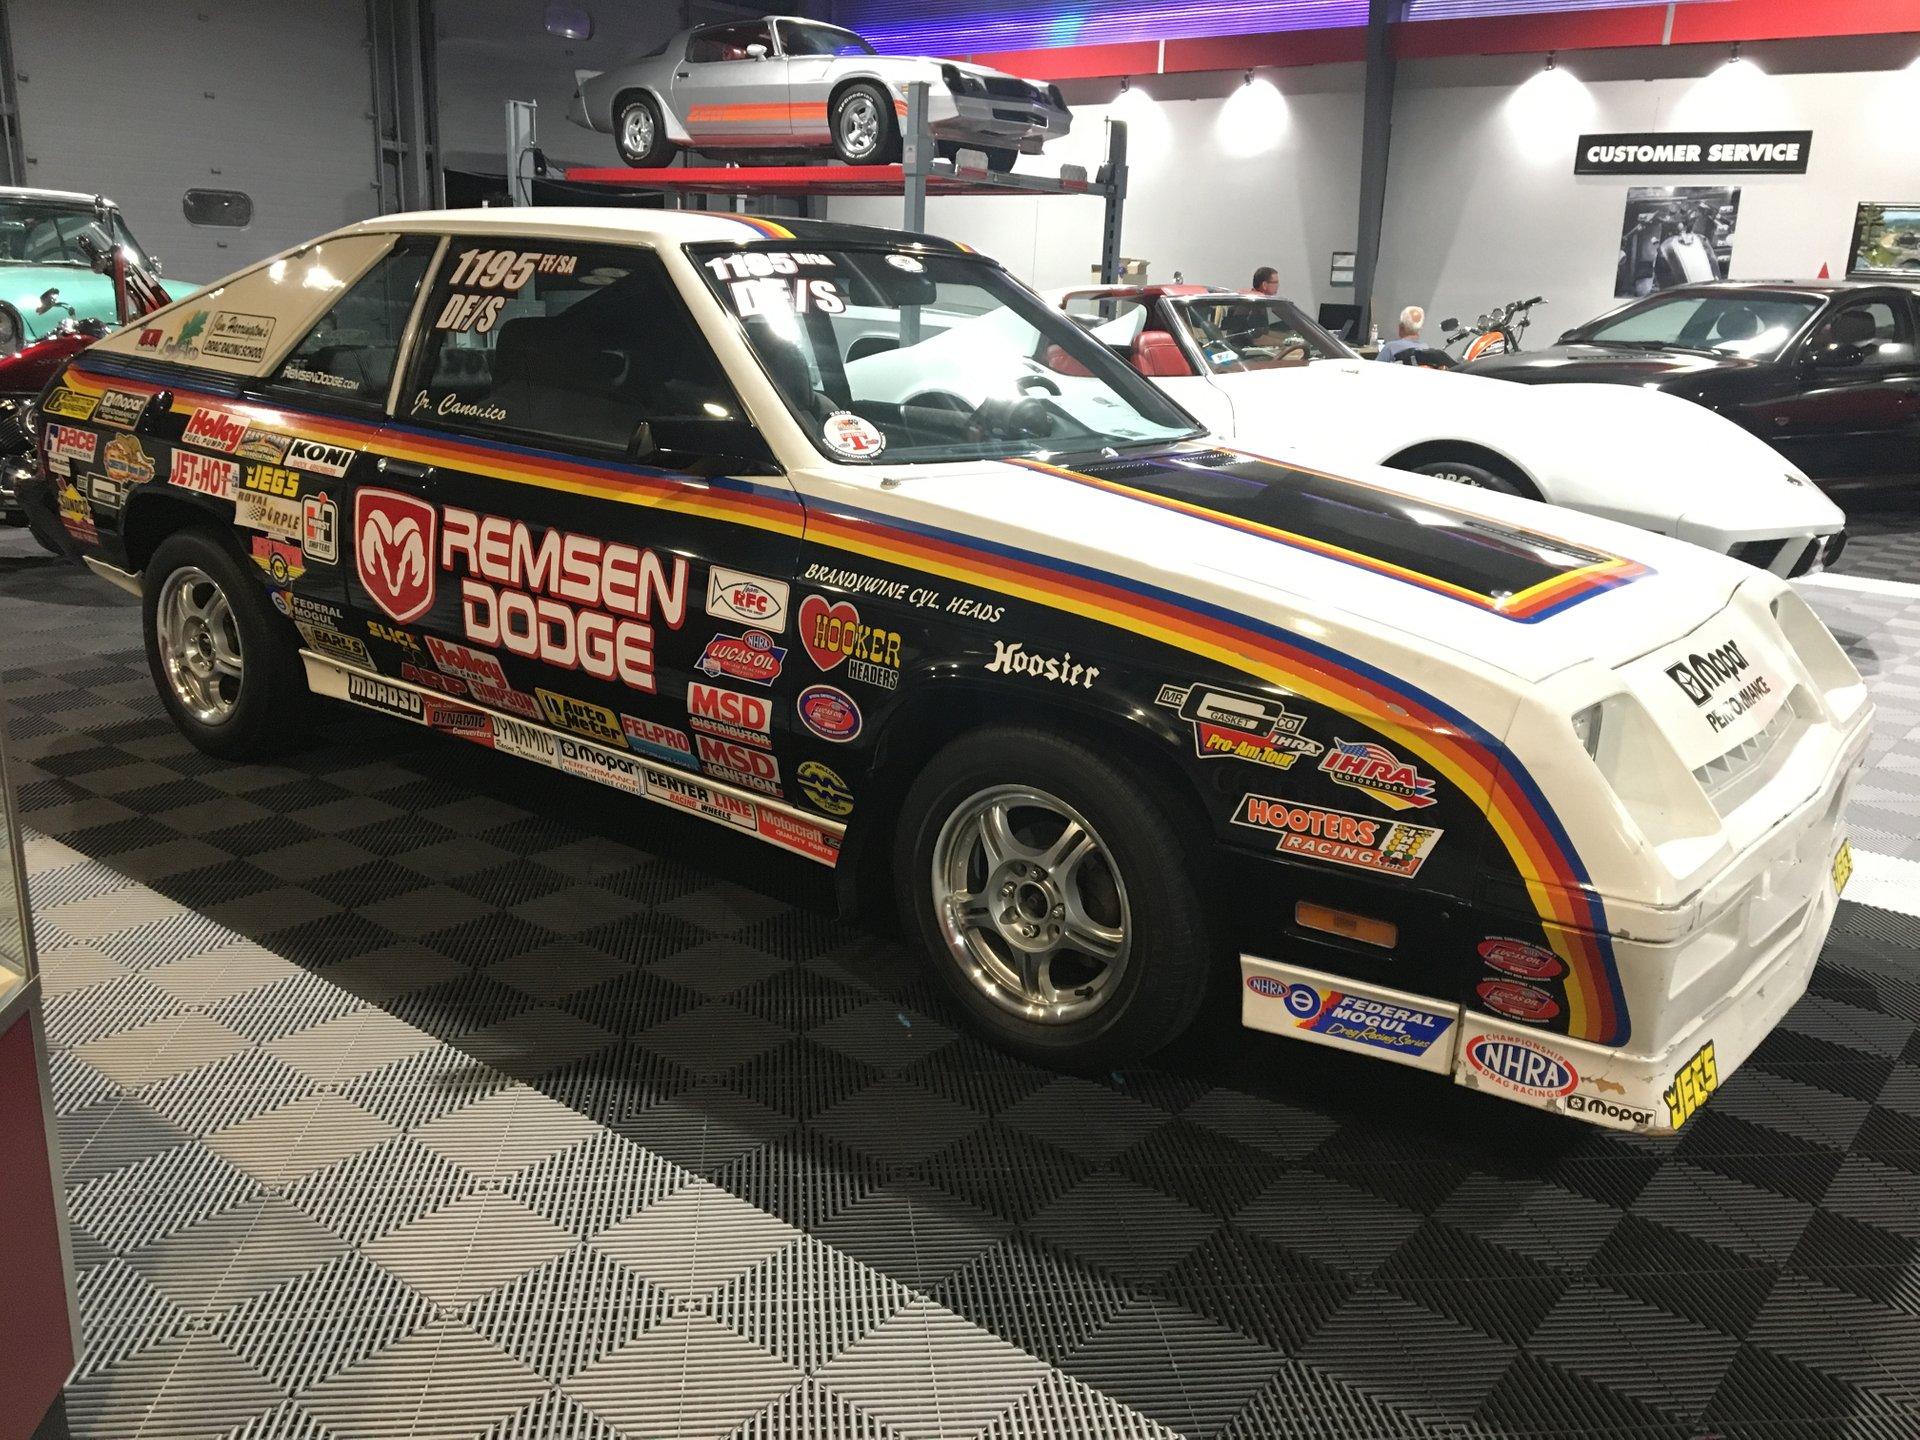 1984 dodge charger drag car